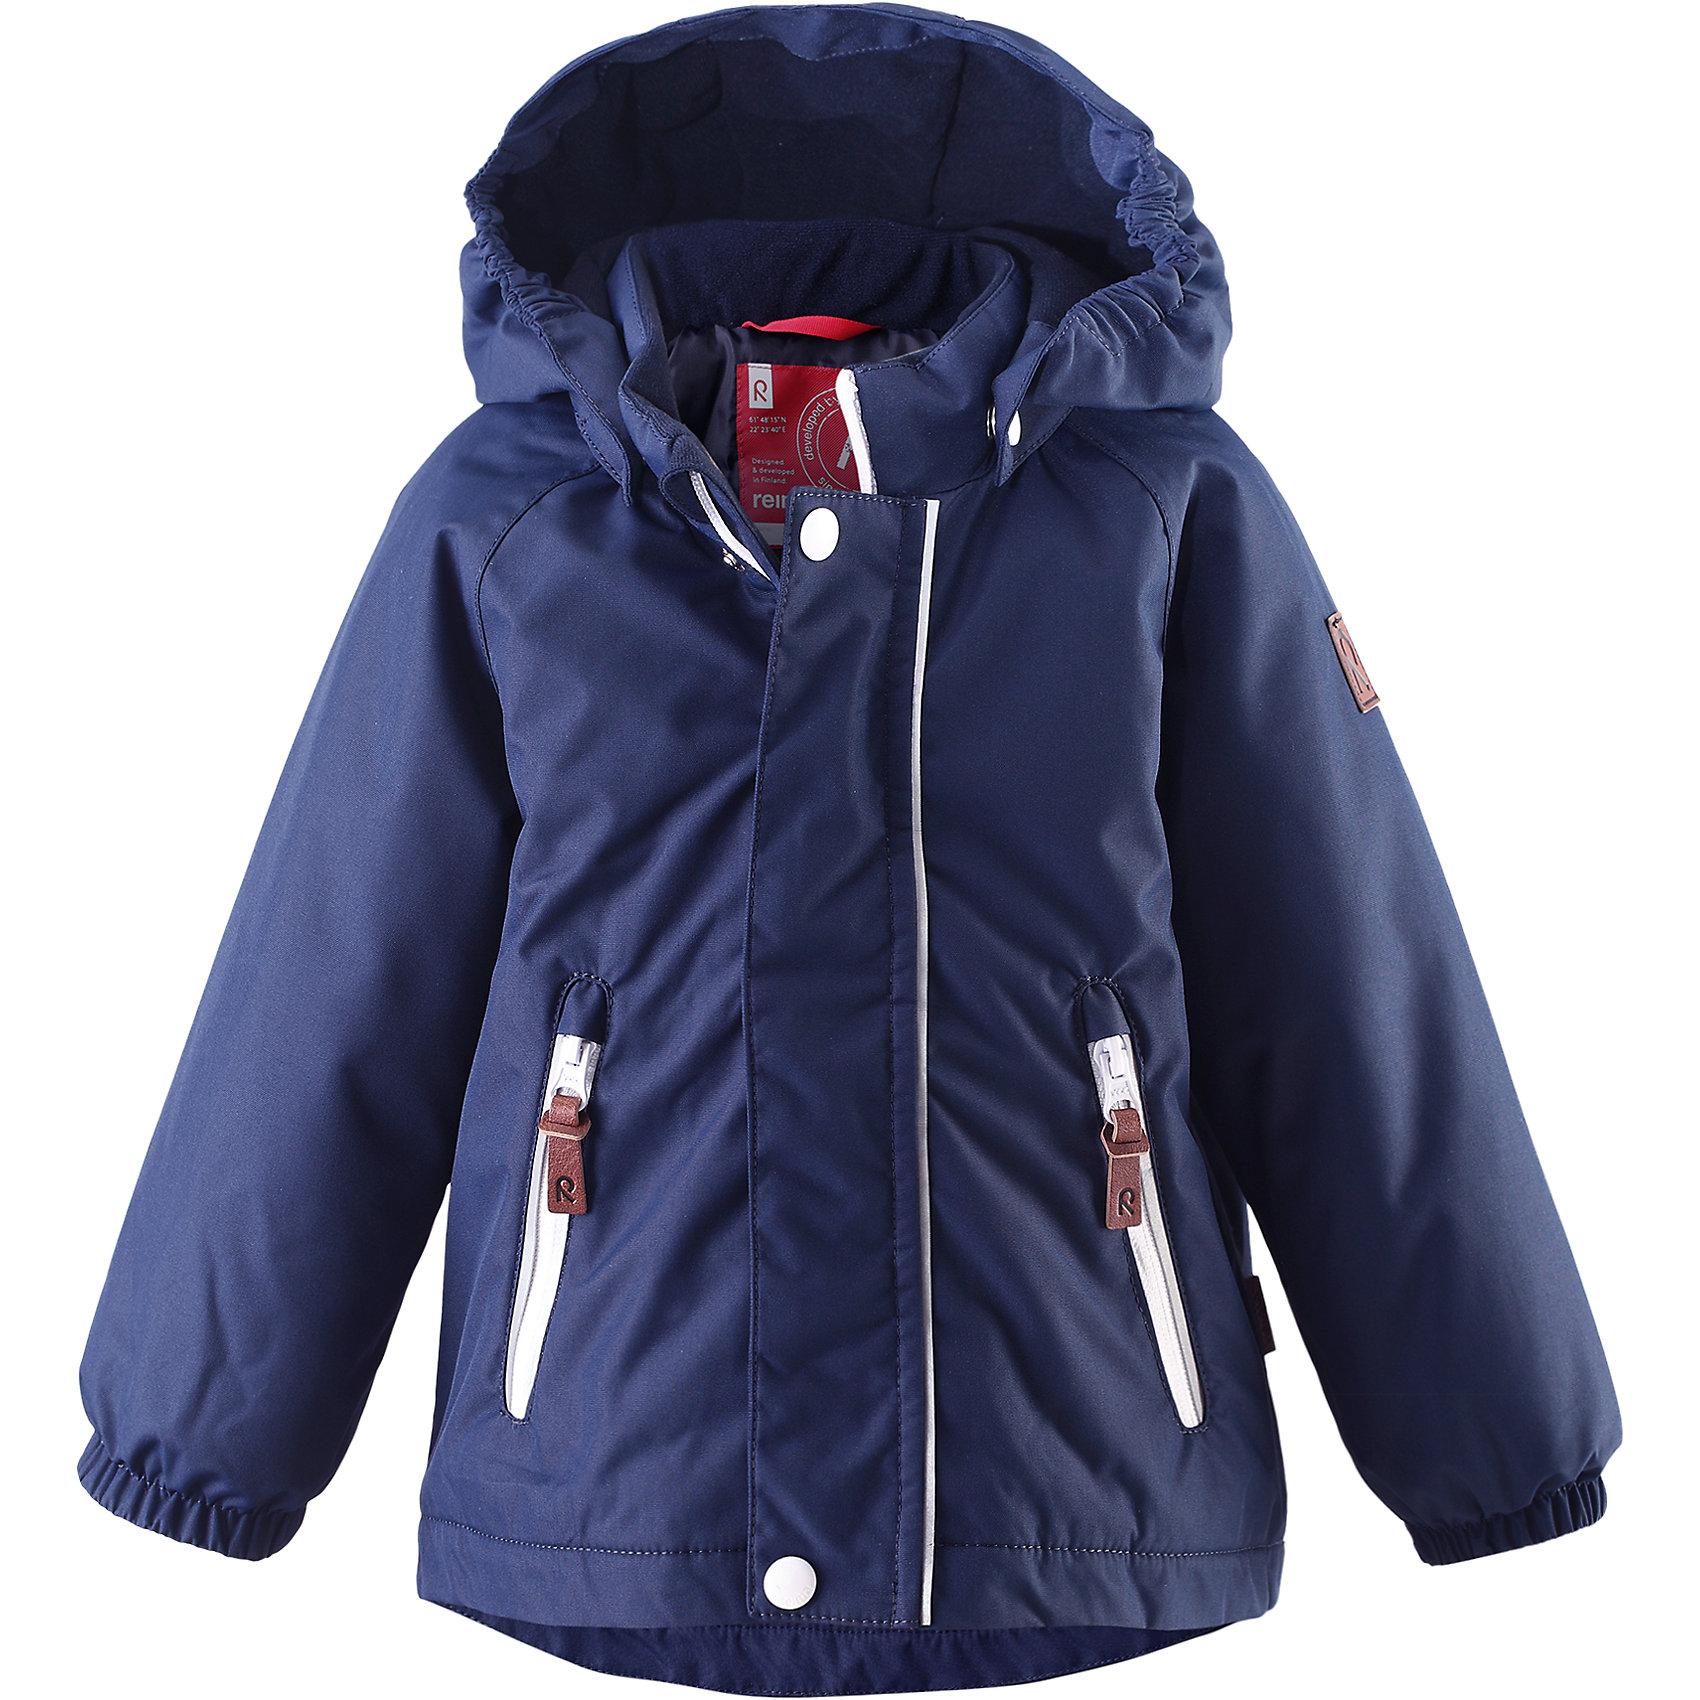 Куртка Shed для мальчика ReimaКуртка  Reima<br>Зимняя куртка для малышей. Основные швы проклеены и не пропускают влагу. Водо- и ветронепроницаемый, «дышащий» и грязеотталкивающий материал. Гладкая подкладка из полиэстра. Безопасный, съемный капюшон. Эластичные манжеты. Два кармана на молнии. Безопасные светоотражающие детали.<br>Утеплитель: Reima® Soft Loft insulation,160 g<br>Уход:<br>Стирать по отдельности, вывернув наизнанку. Застегнуть молнии и липучки. Стирать моющим средством, не содержащим отбеливающие вещества. Полоскать без специального средства. Во избежание изменения цвета изделие необходимо вынуть из стиральной машинки незамедлительно после окончания программы стирки. Сушить при низкой температуре.<br>Состав:<br>100% Полиамид, полиуретановое покрытие<br><br>Ширина мм: 506<br>Глубина мм: 398<br>Высота мм: 93<br>Вес г: 434<br>Цвет: синий<br>Возраст от месяцев: 9<br>Возраст до месяцев: 12<br>Пол: Мужской<br>Возраст: Детский<br>Размер: 80,86,92,98<br>SKU: 4775996